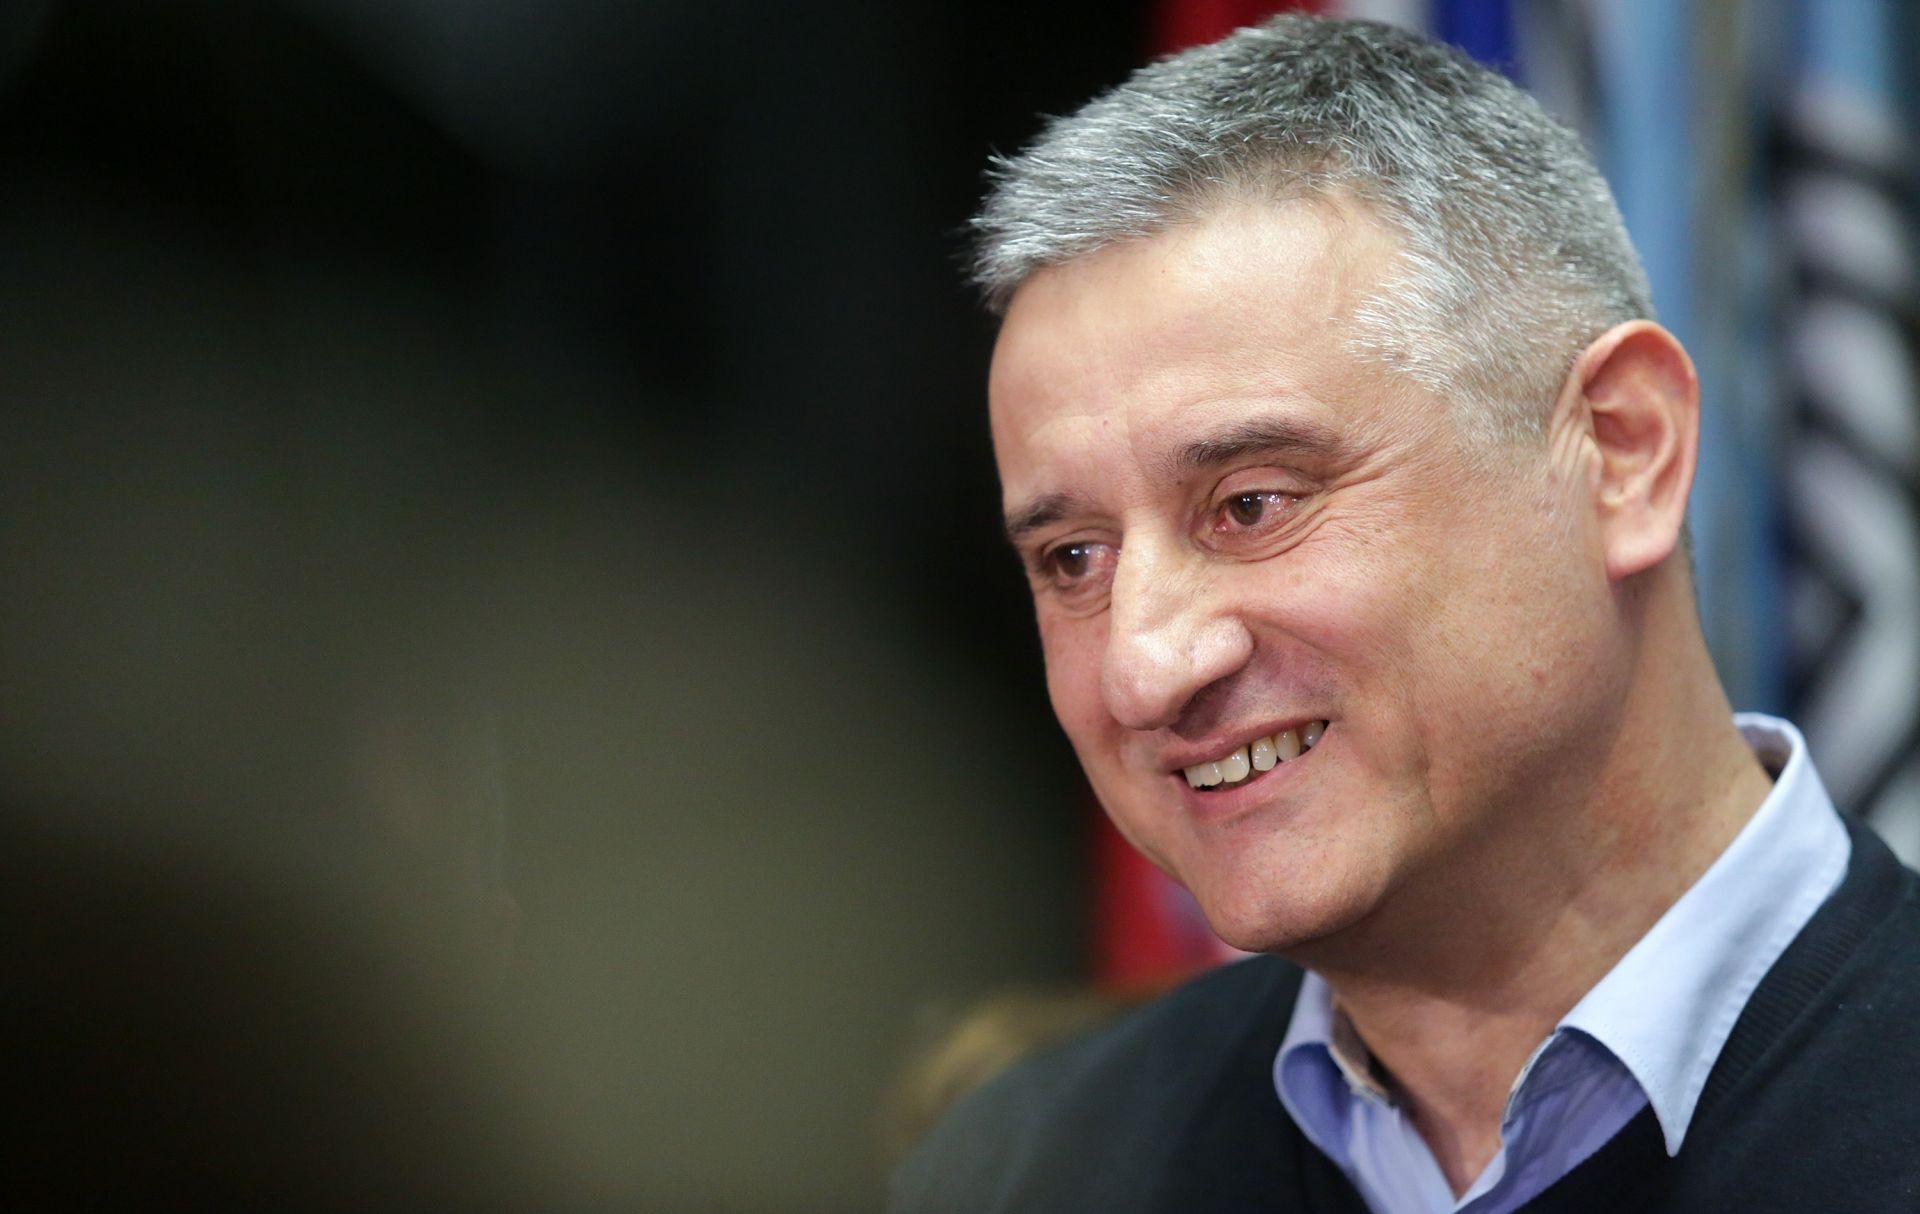 Karamarko snizio iznos odštetnog zahtjeva u tužbi protiv Nacionala